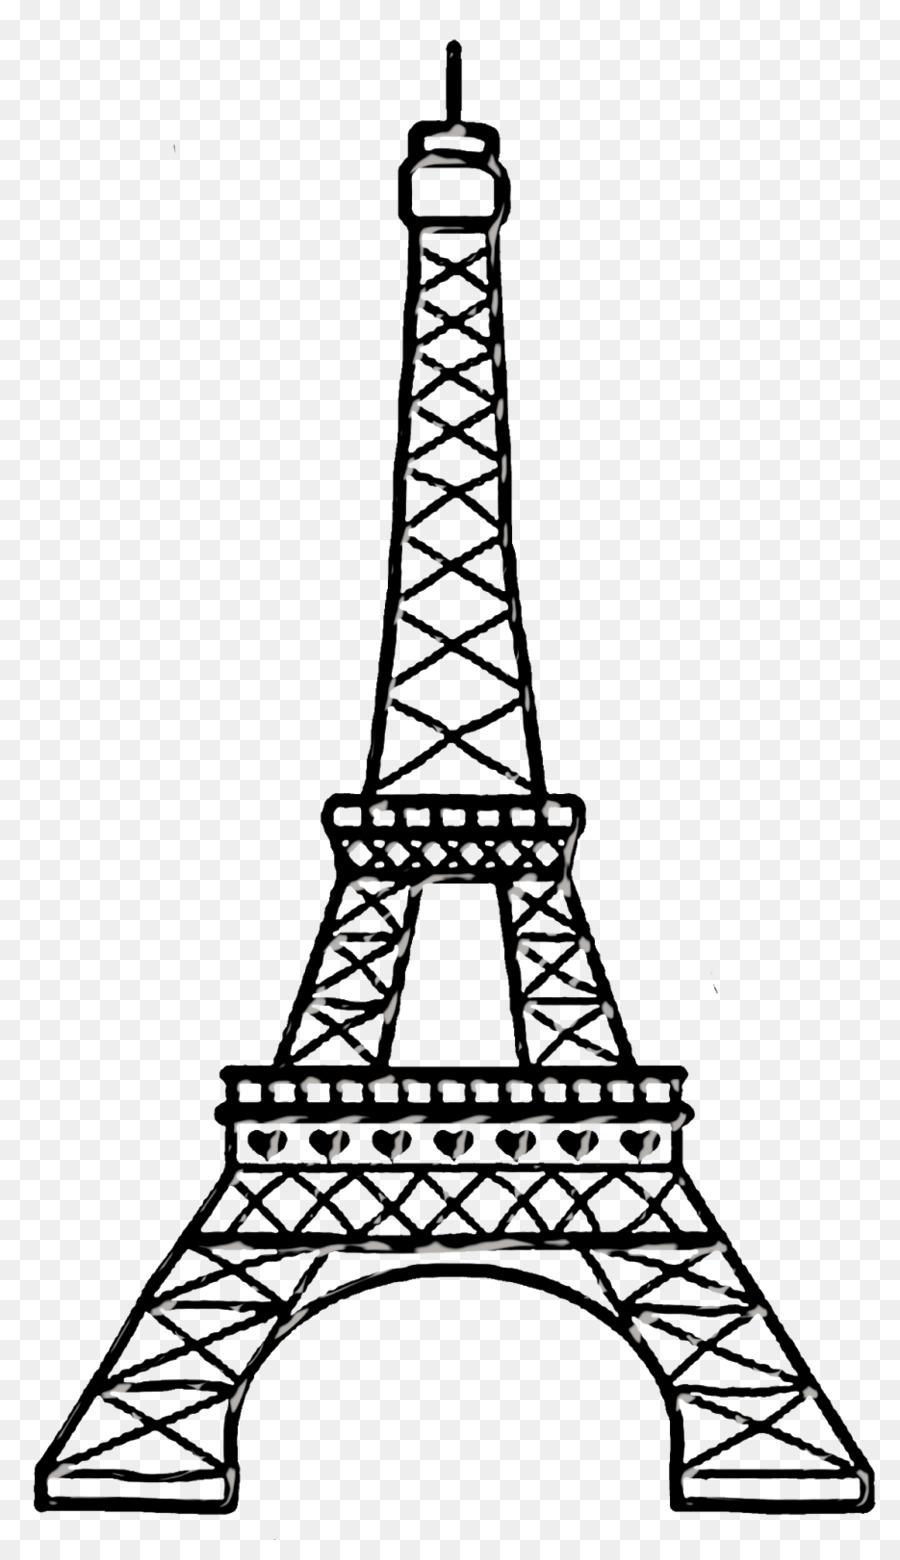 Dibujo de la torre eiffel clipart eiffel tower drawing